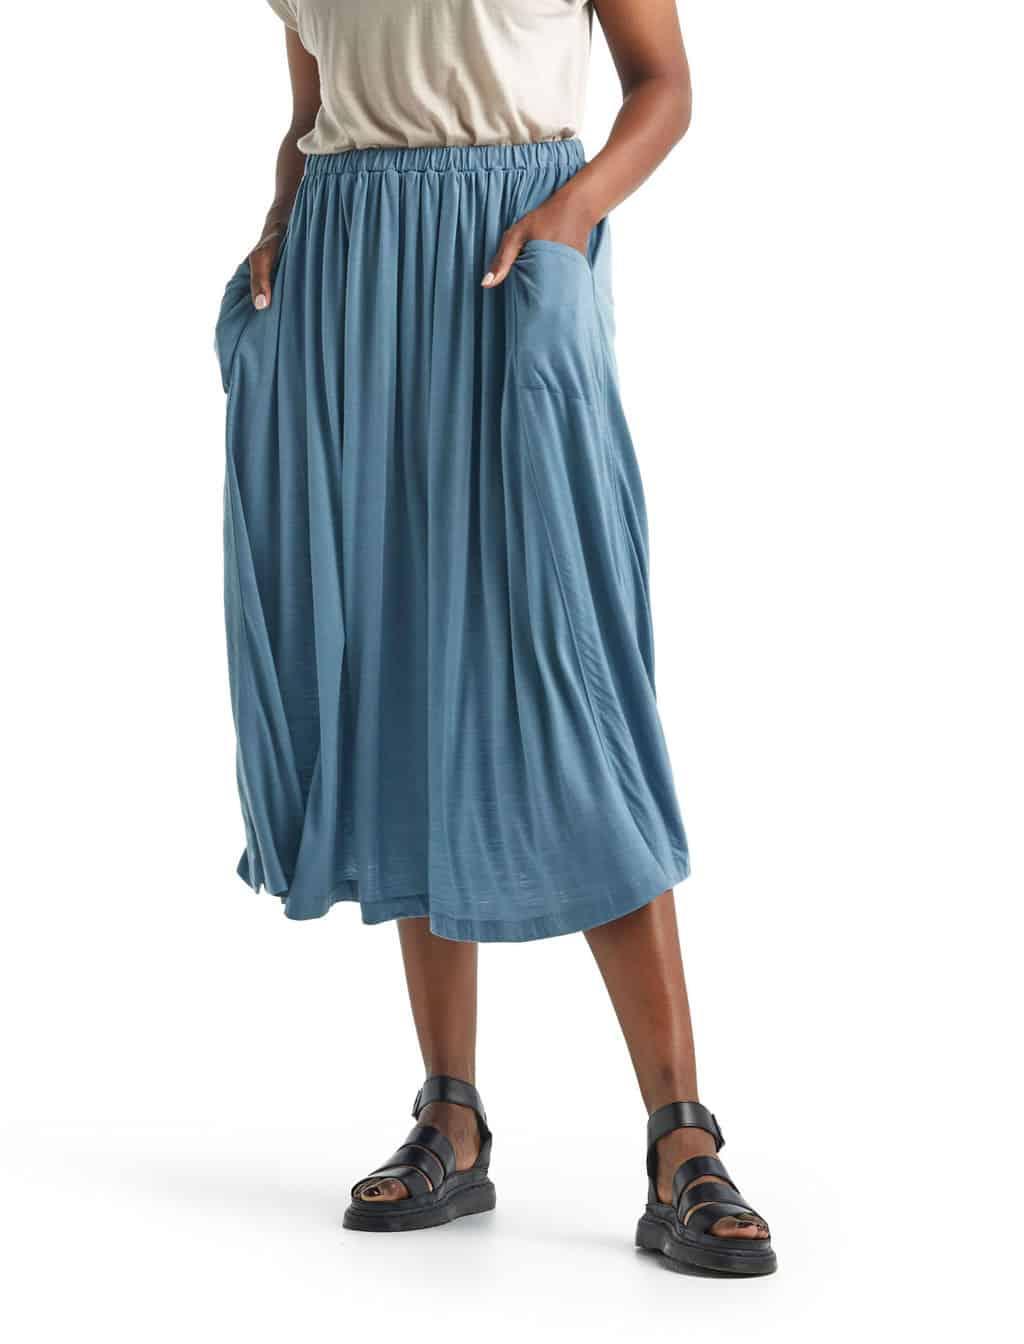 Icebreaker Women's Cool Lite™ Merino Long Skirt   Granite Blue   Merino Wool/Nylon/Tencel